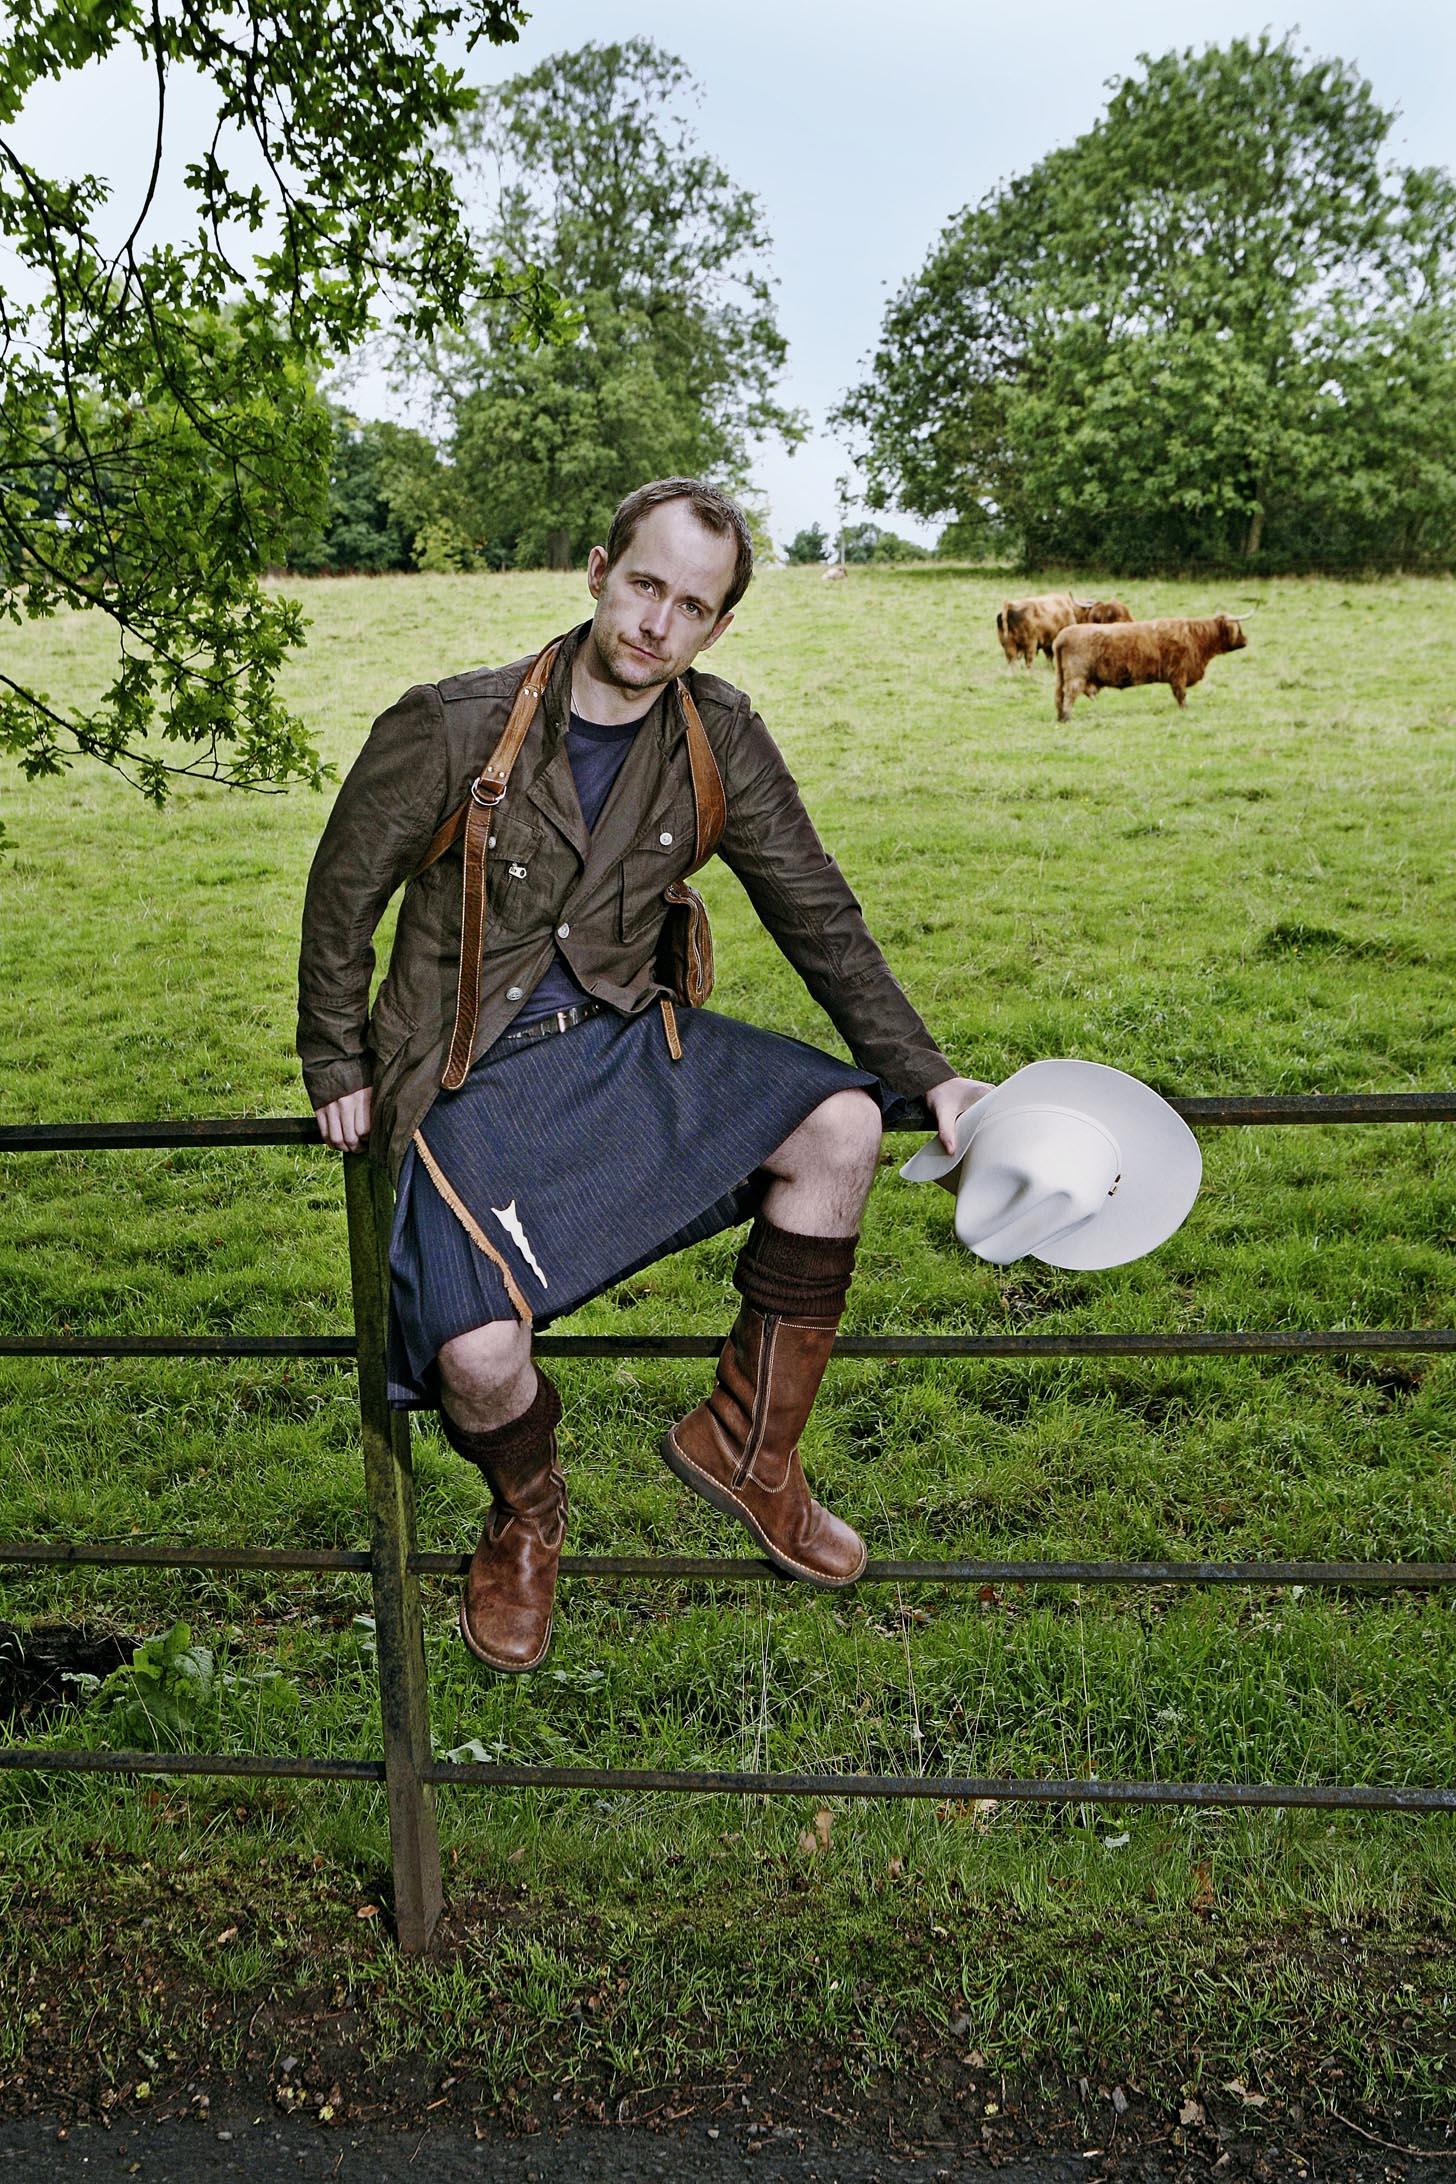 08 Billy in kilt for Scottish calendar.jpg